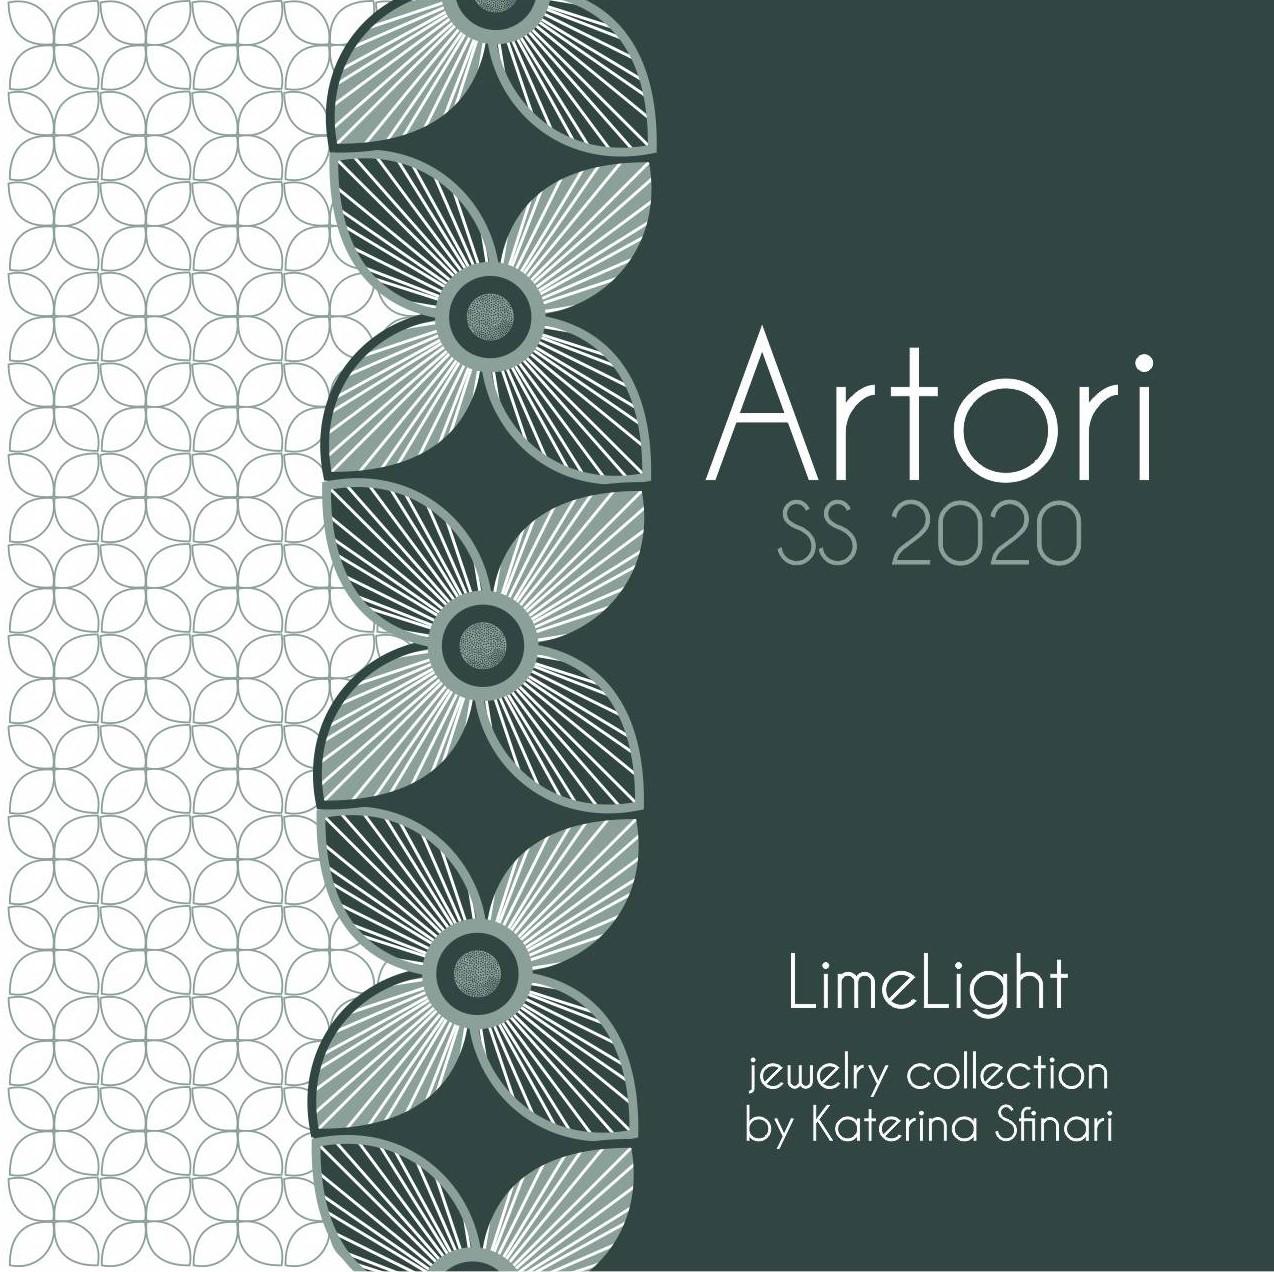 Εκκεντρικά γεωμετρικά χειροποίητα σκουλαρίκια από τη συλλογή Artori | Χειροποίητα κοσμήματα LimeLight By katerina sfinari